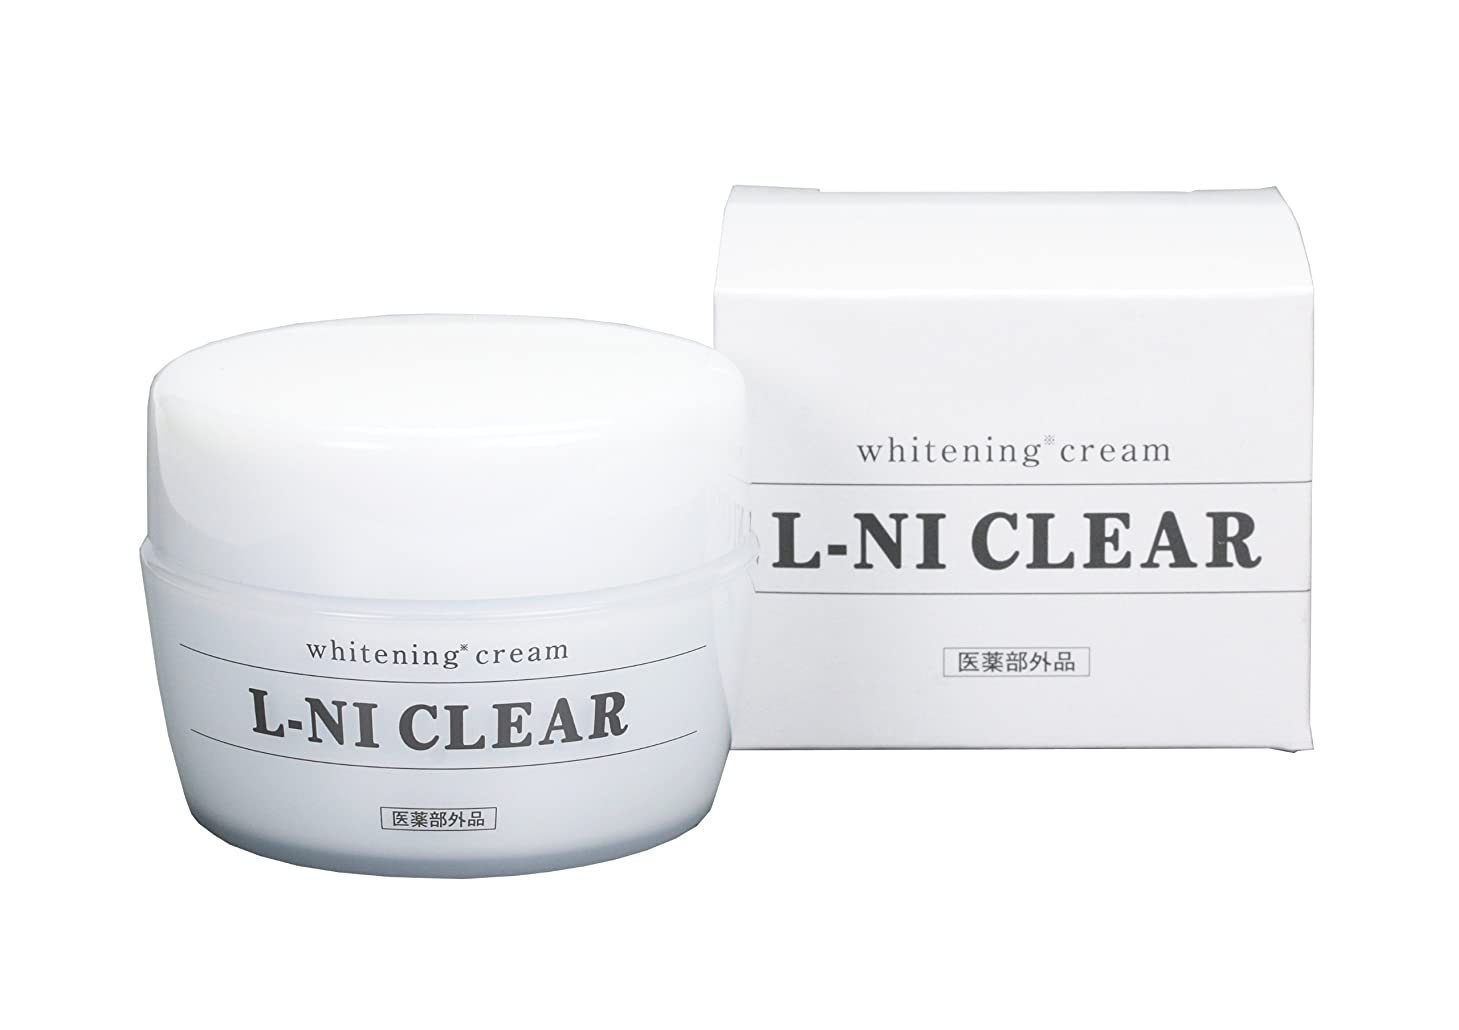 放牧する掃く話をする薬用 L-NI CLEAR